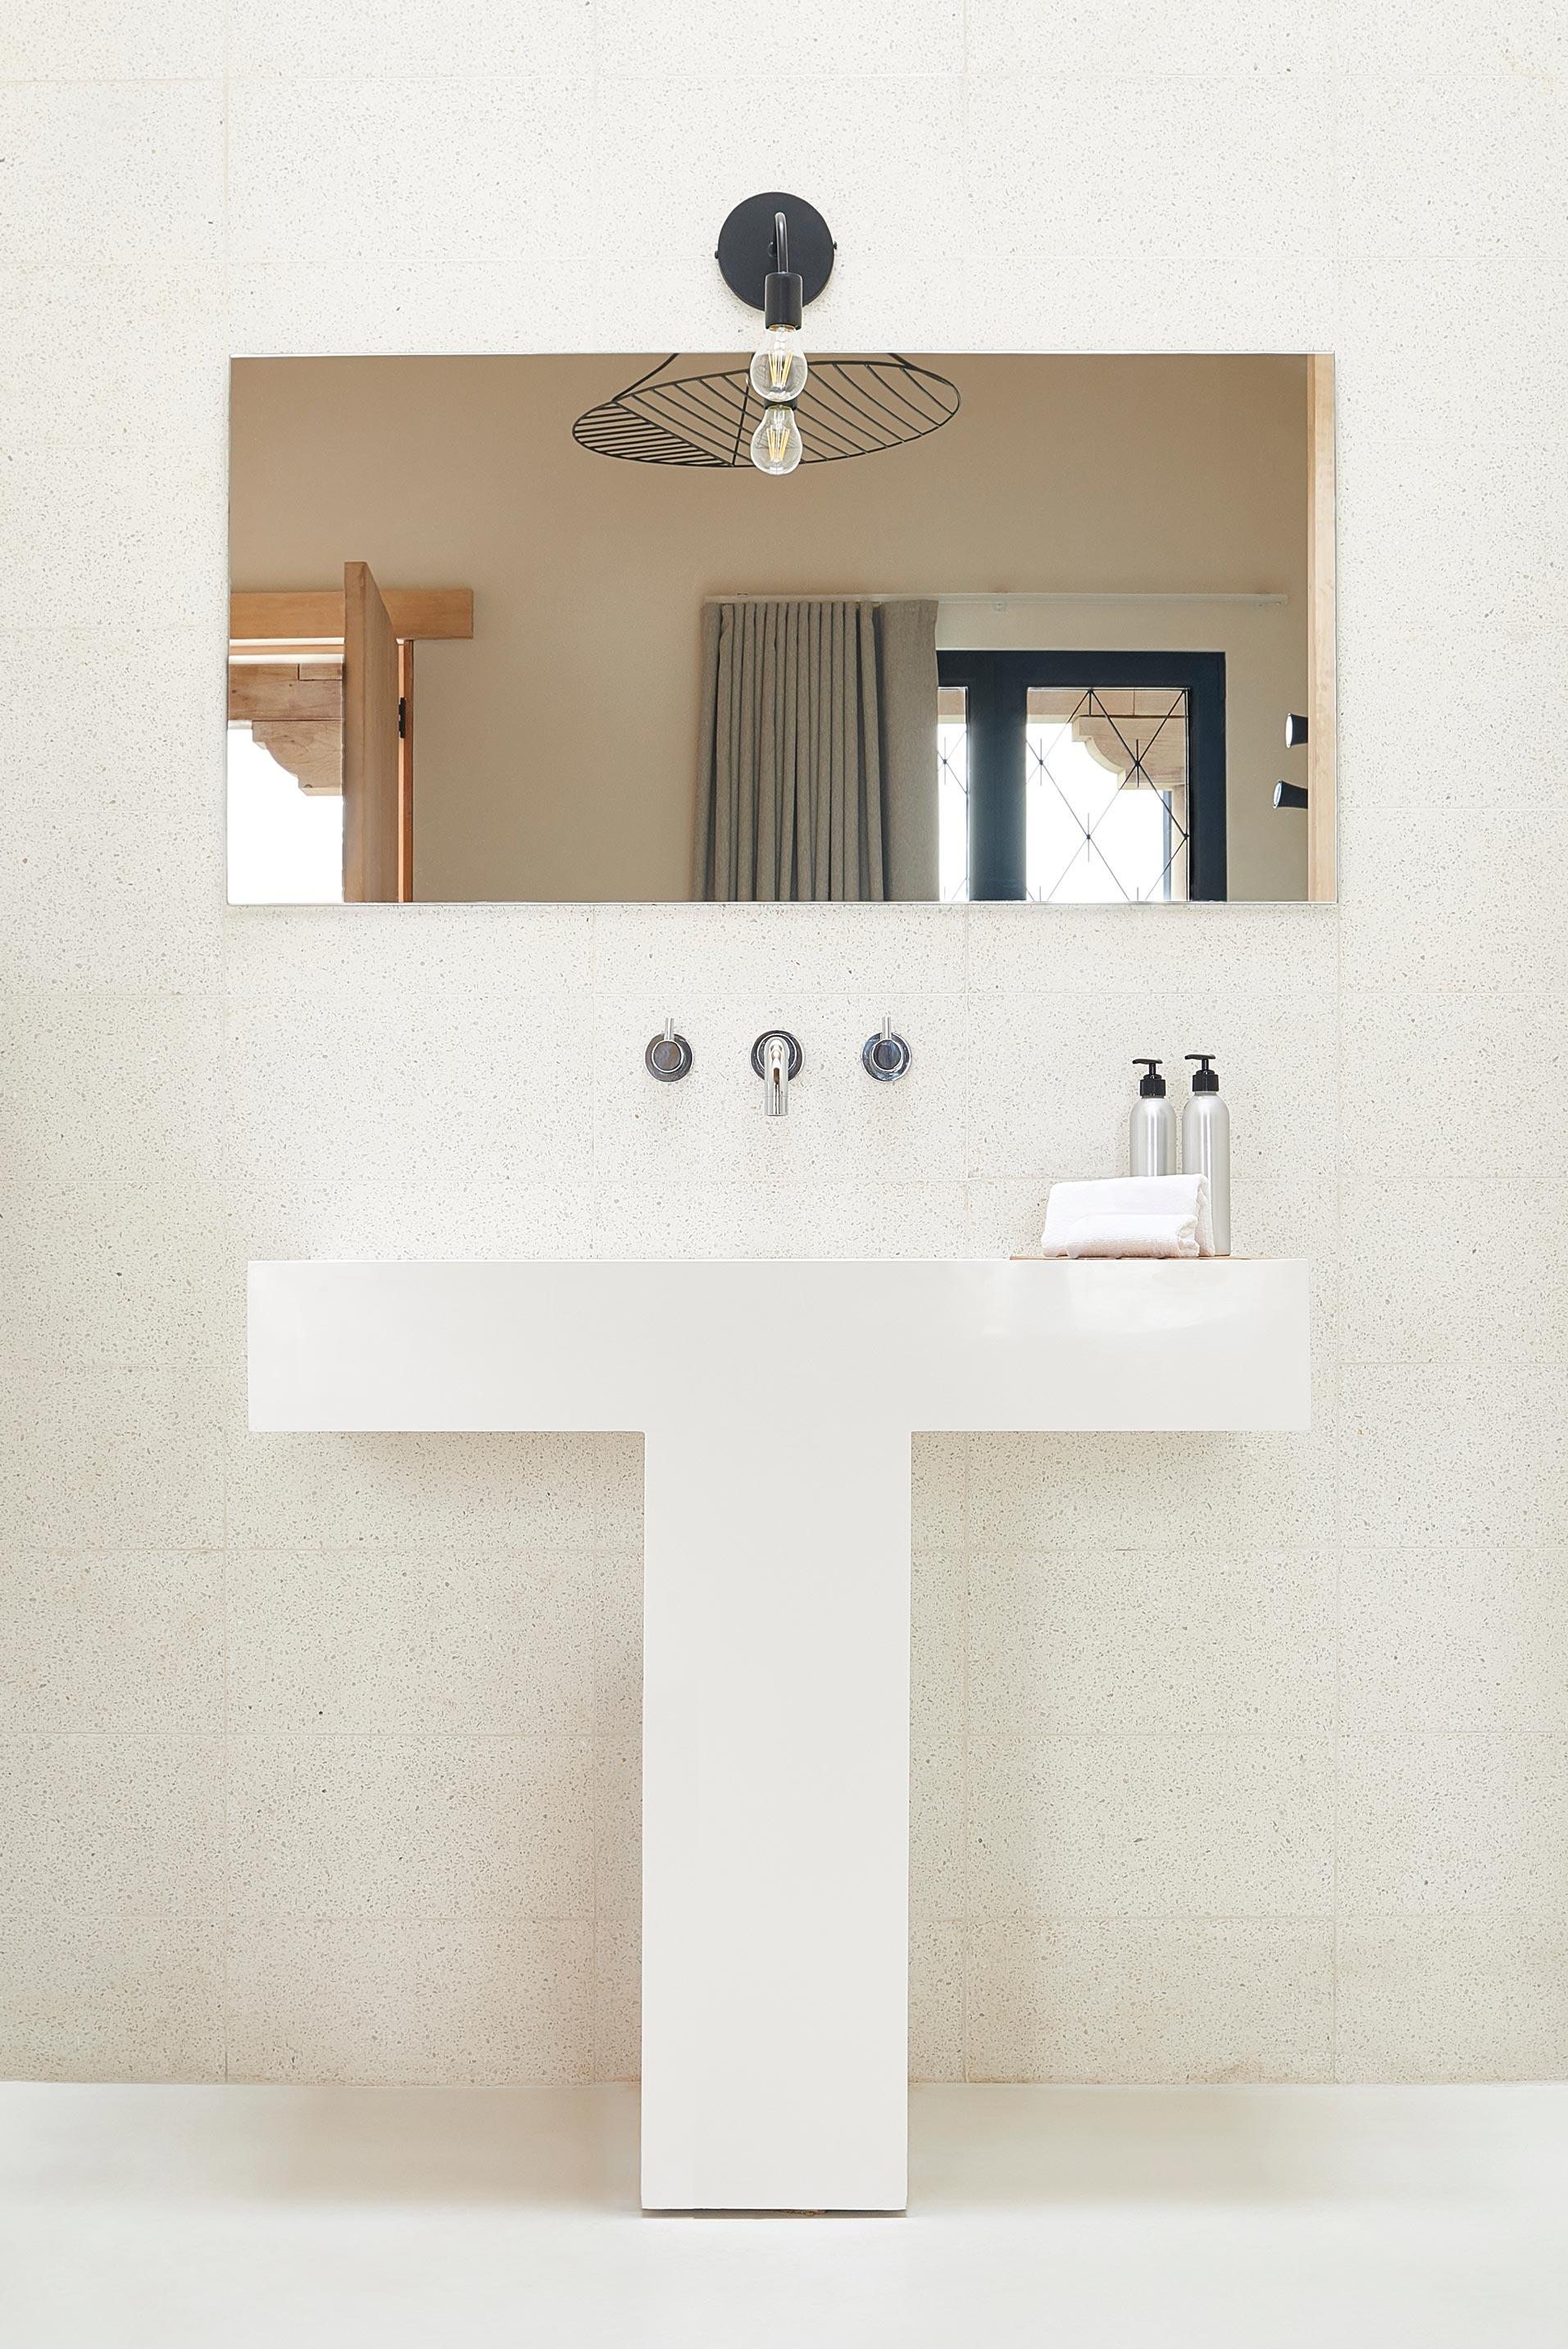 Icon / Signature design piece in the ensuite bathroom.